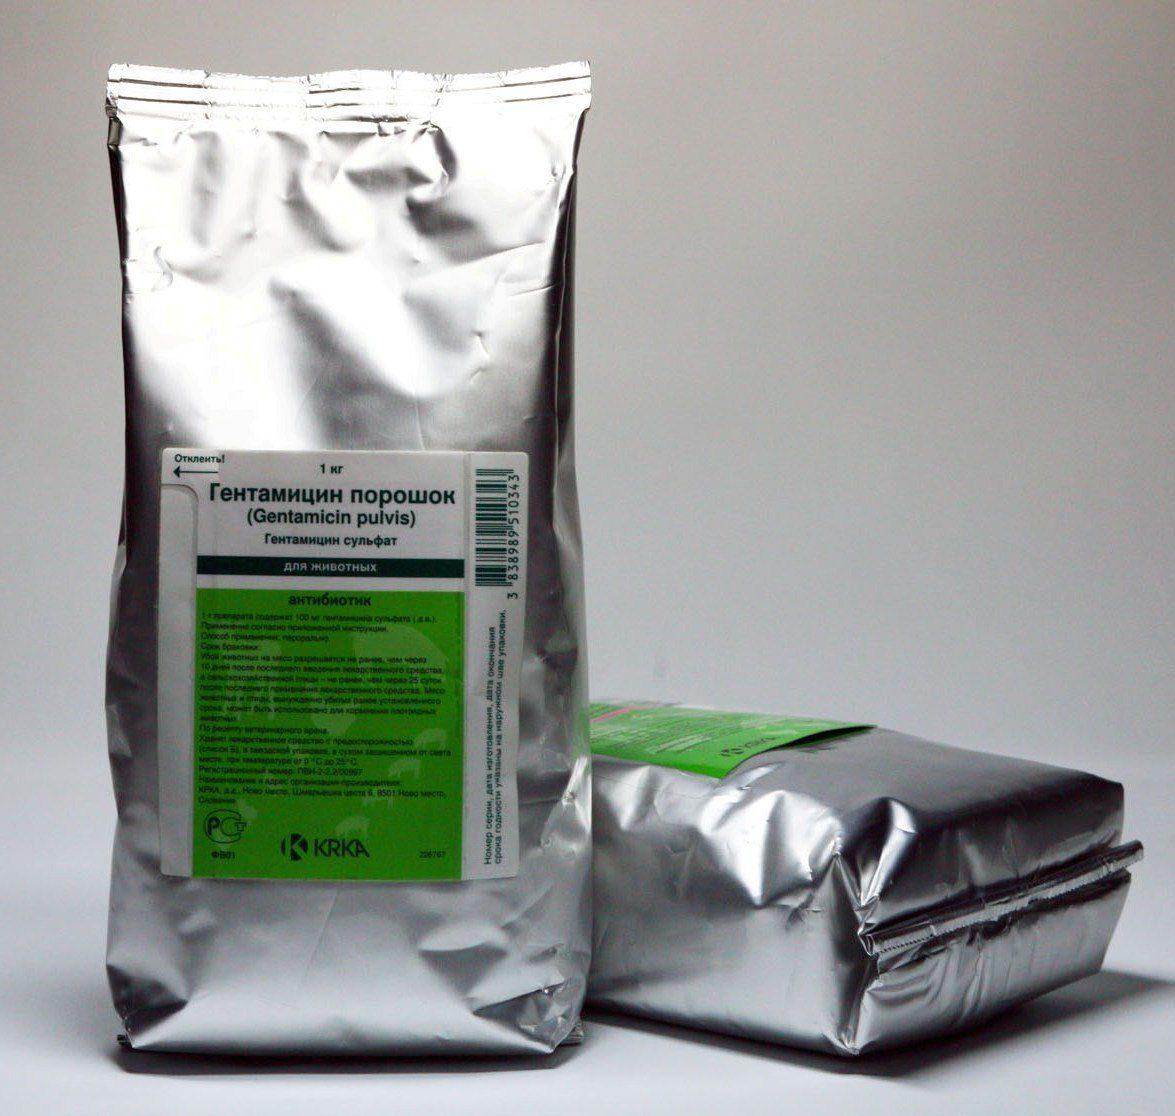 Клиндаспектин – инструкция по применению антибиотика для птиц и животных